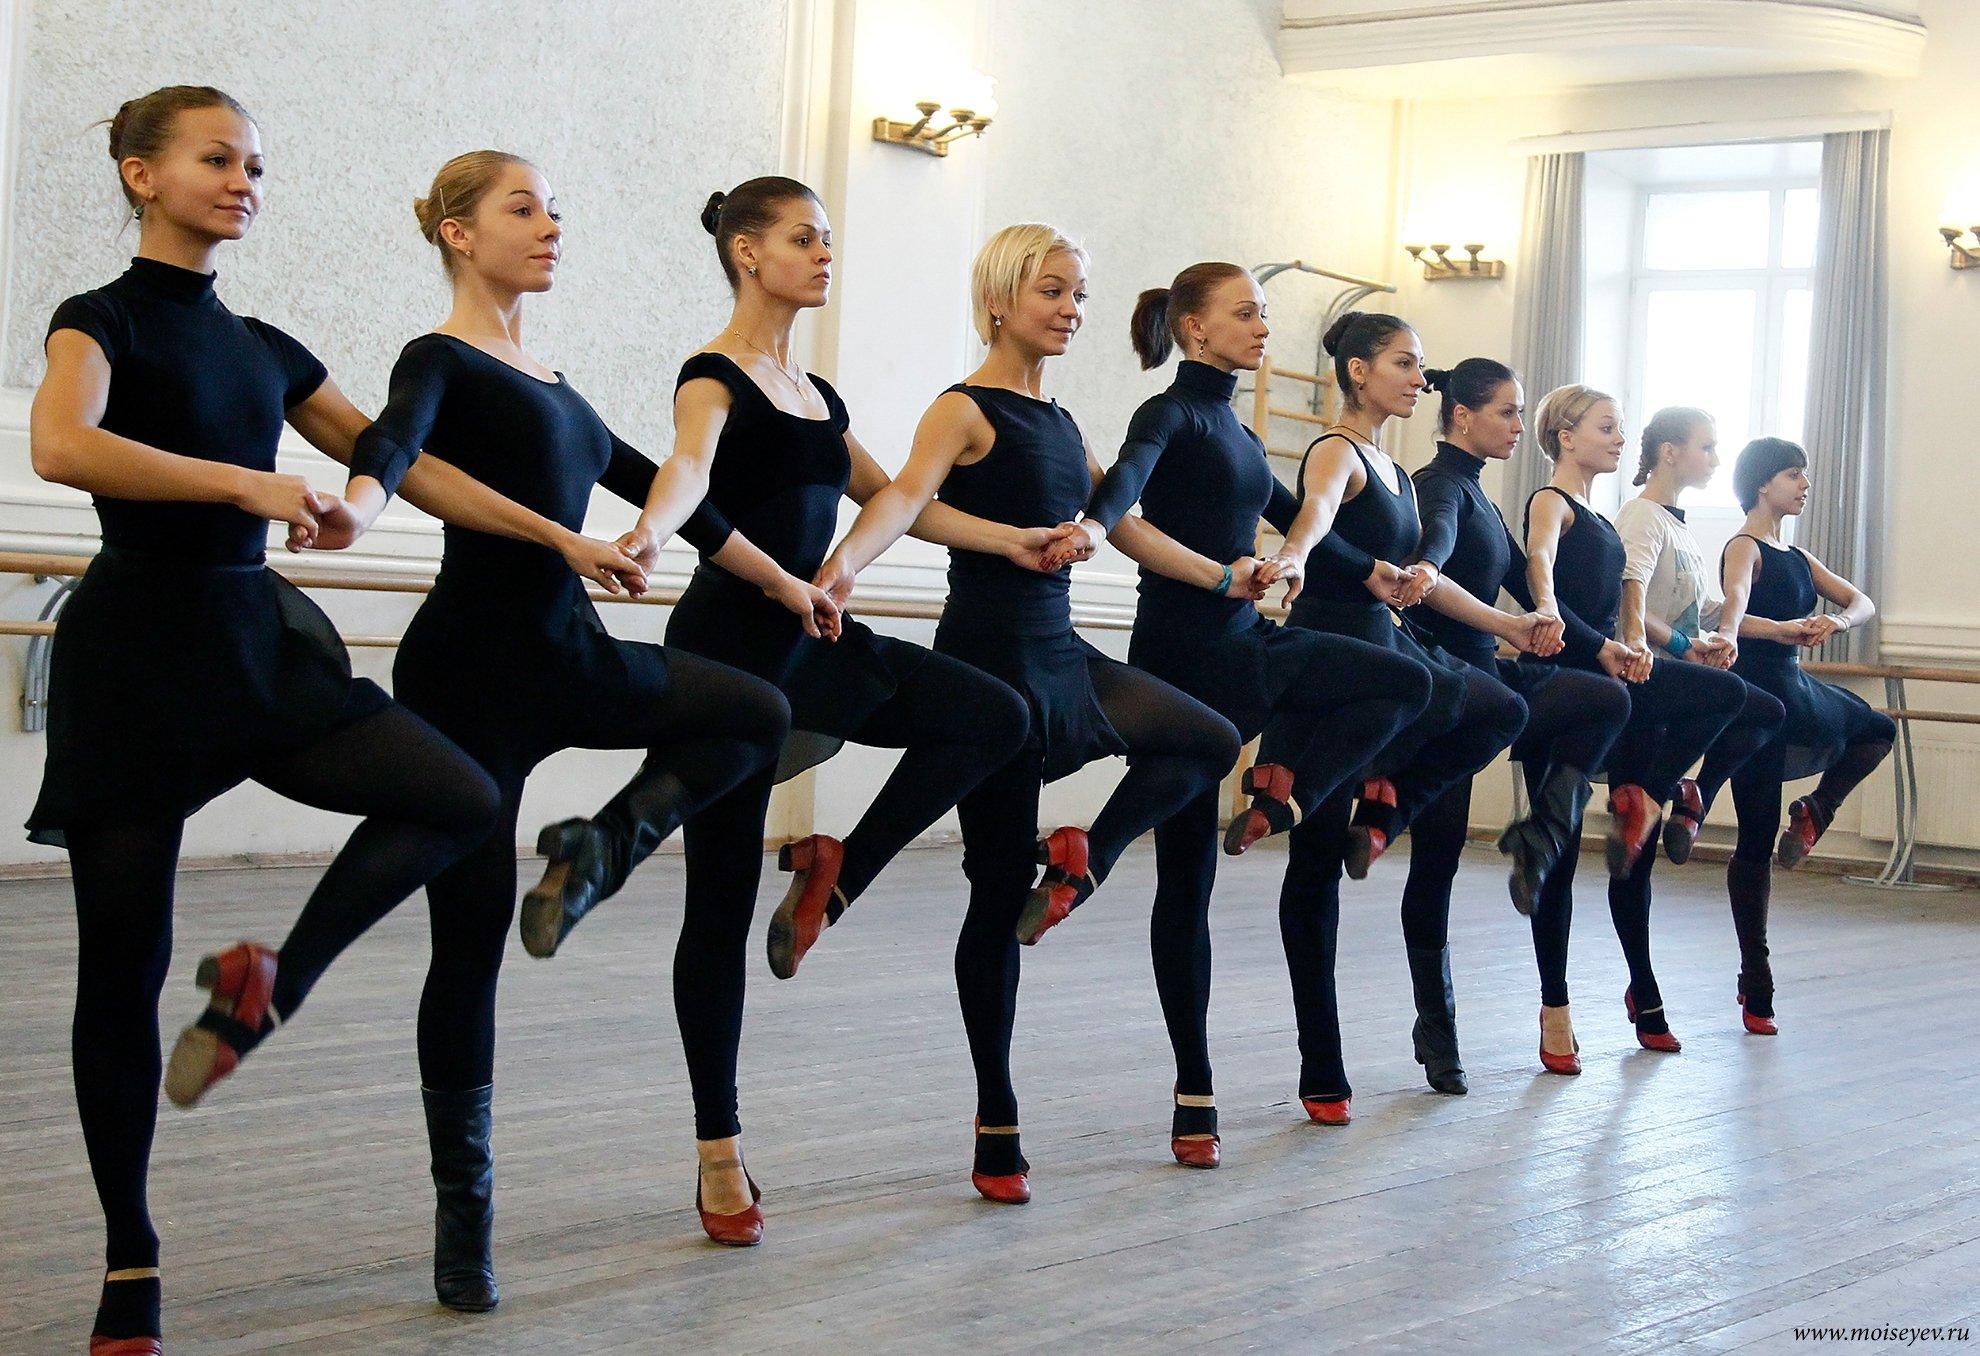 сентябре картинки классических танцевальных форм том как бросает